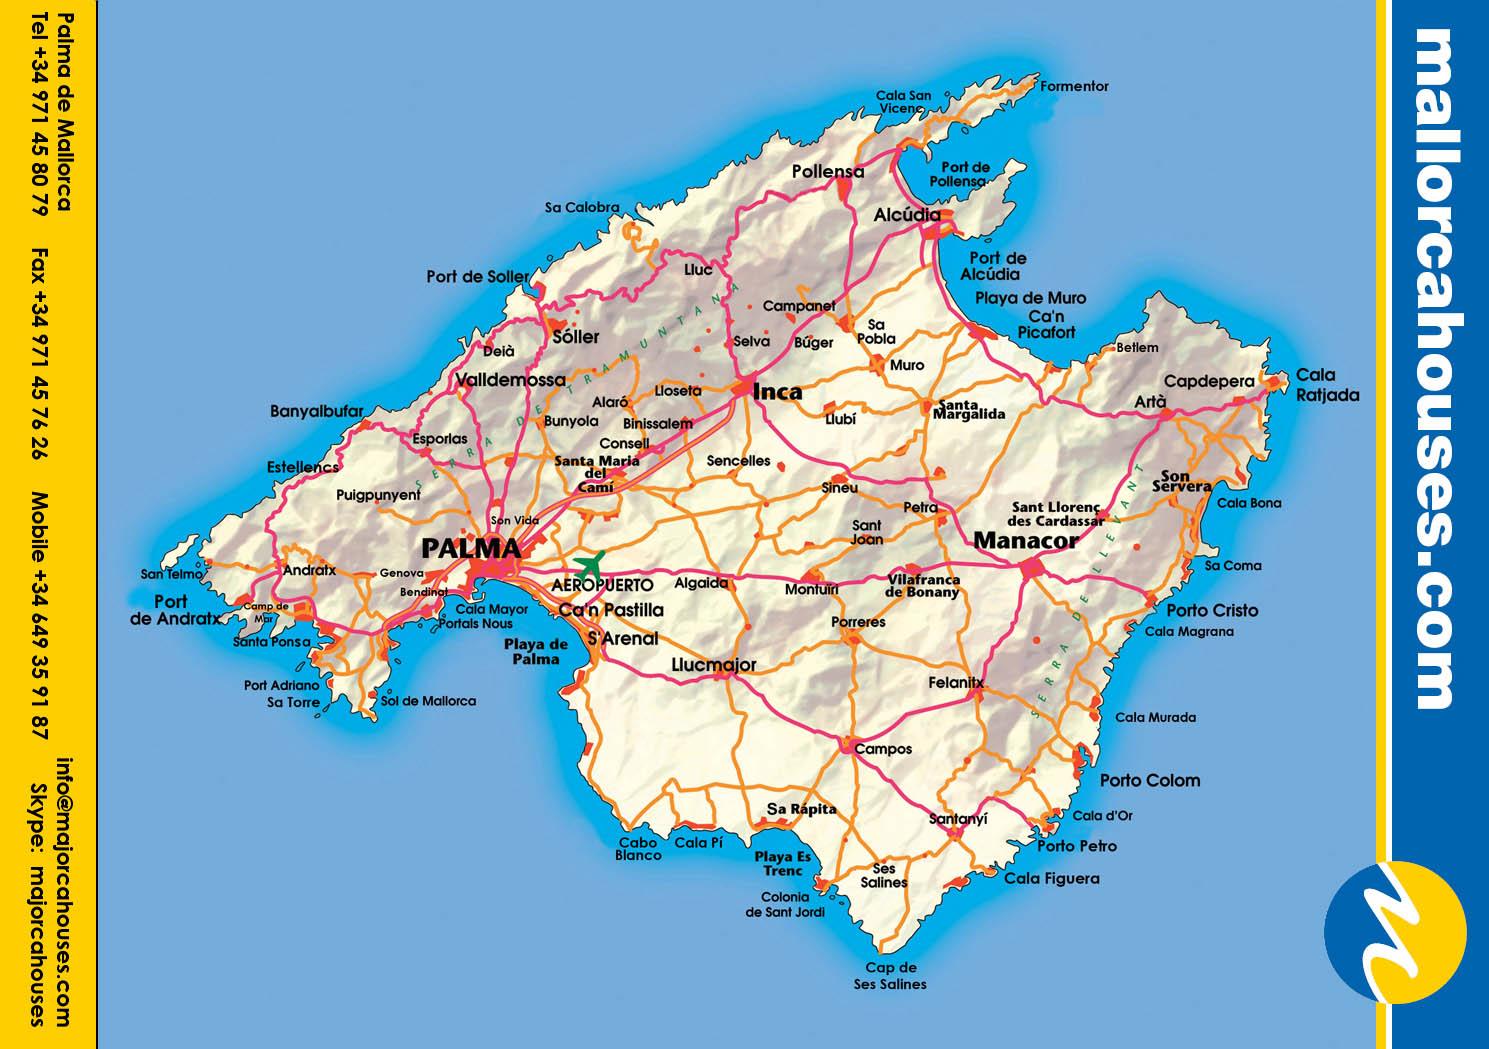 Mapas De Palma Espanha Mapasblog